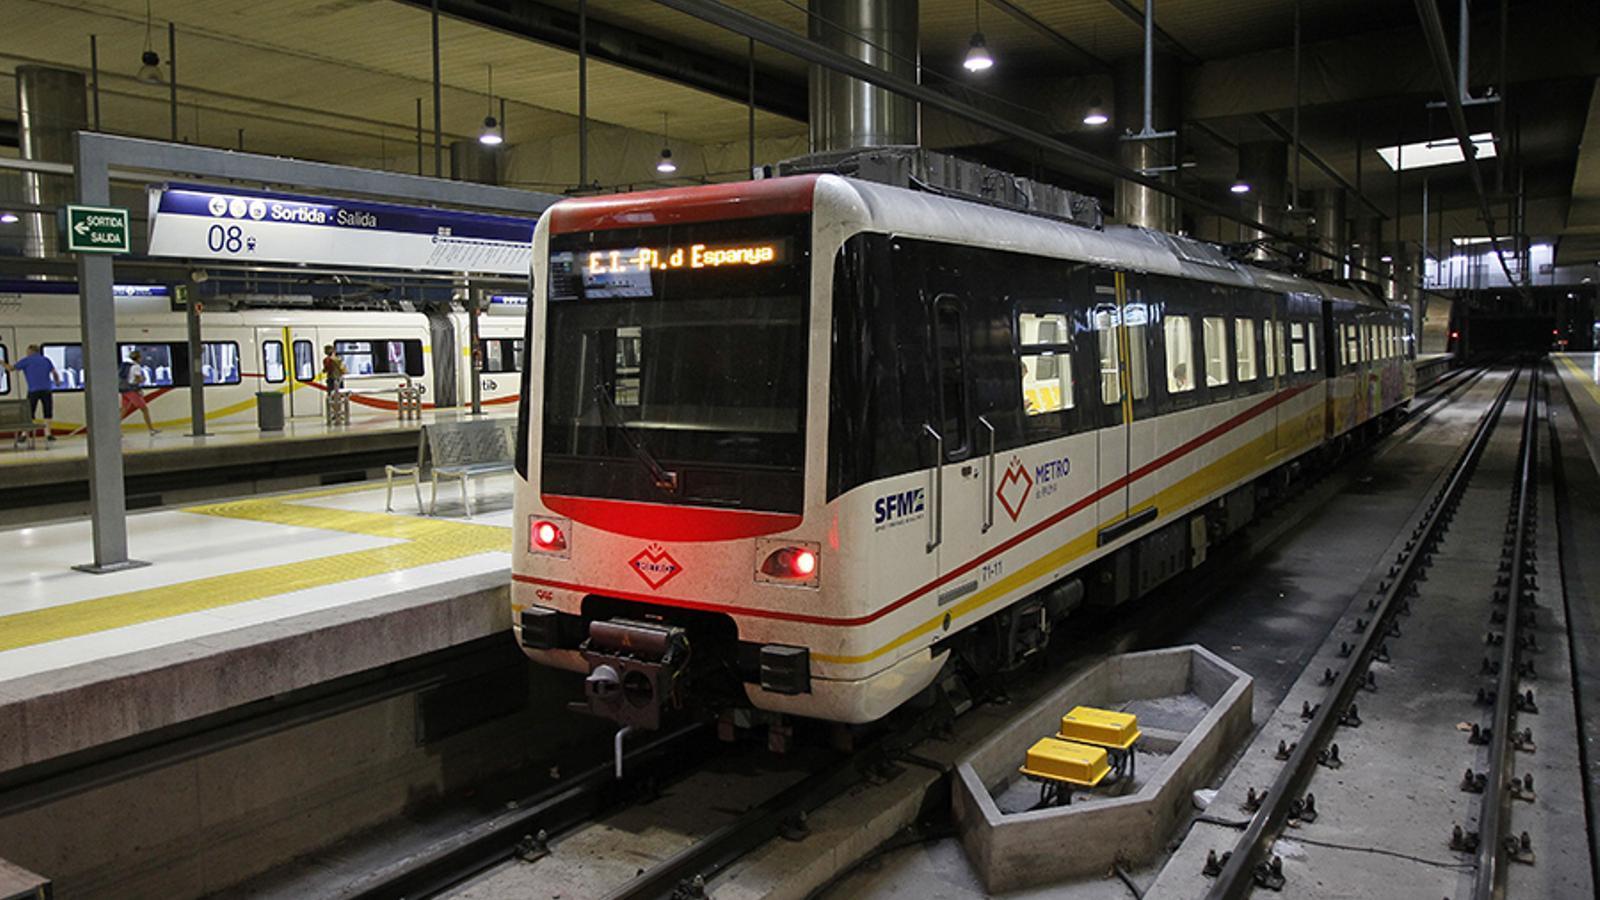 El jutjat d'instrucció 5 de Palma investiga si s'han produït delictes en l'adquisició de vagons de tren sense concurs propi.